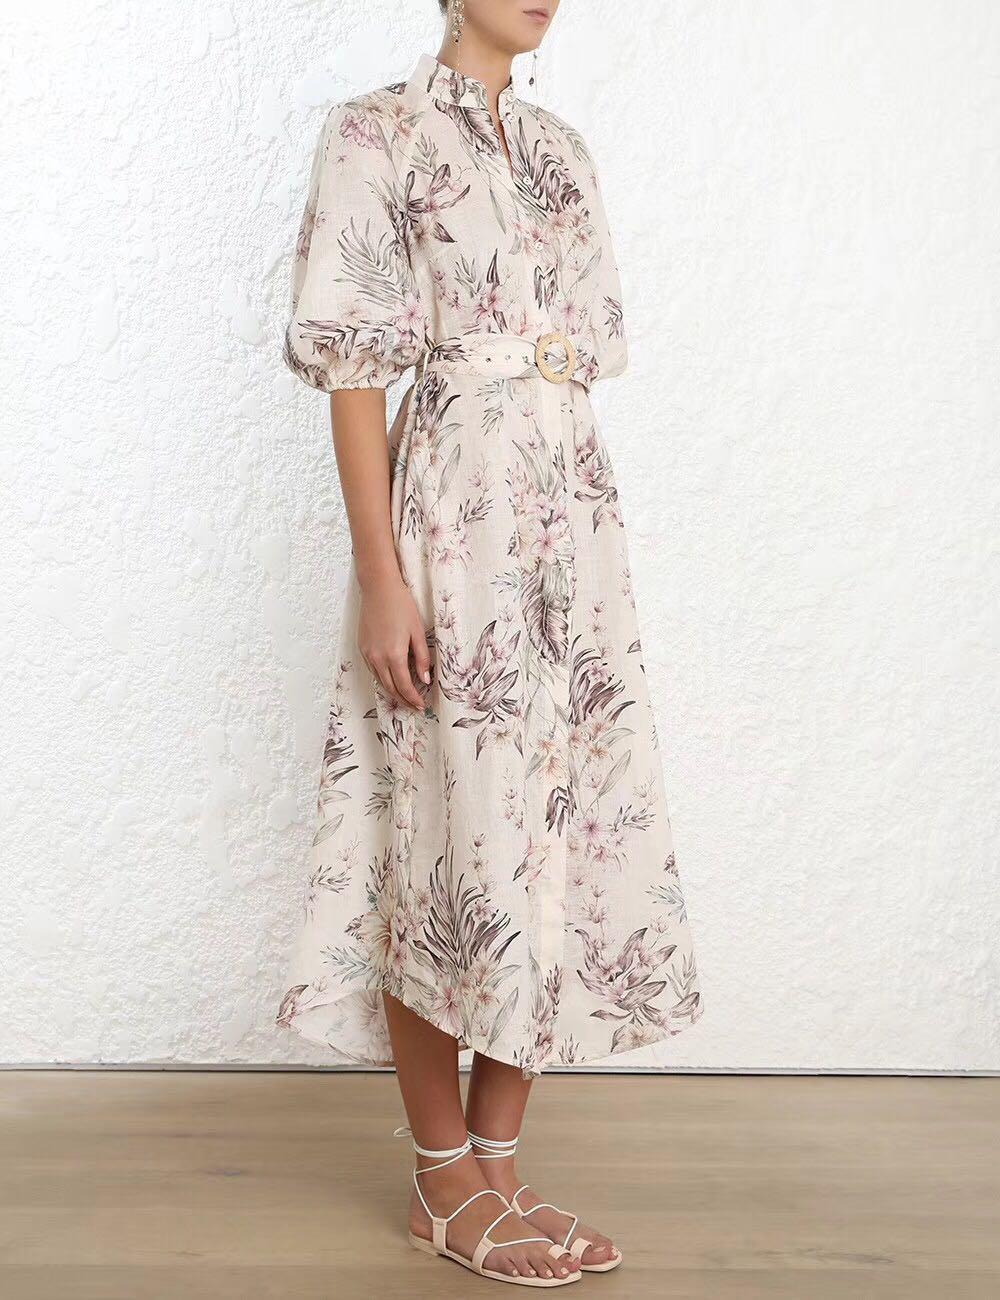 Été 2019 nouveau Design australien lin ceinture à manches bulles robe irrégulière